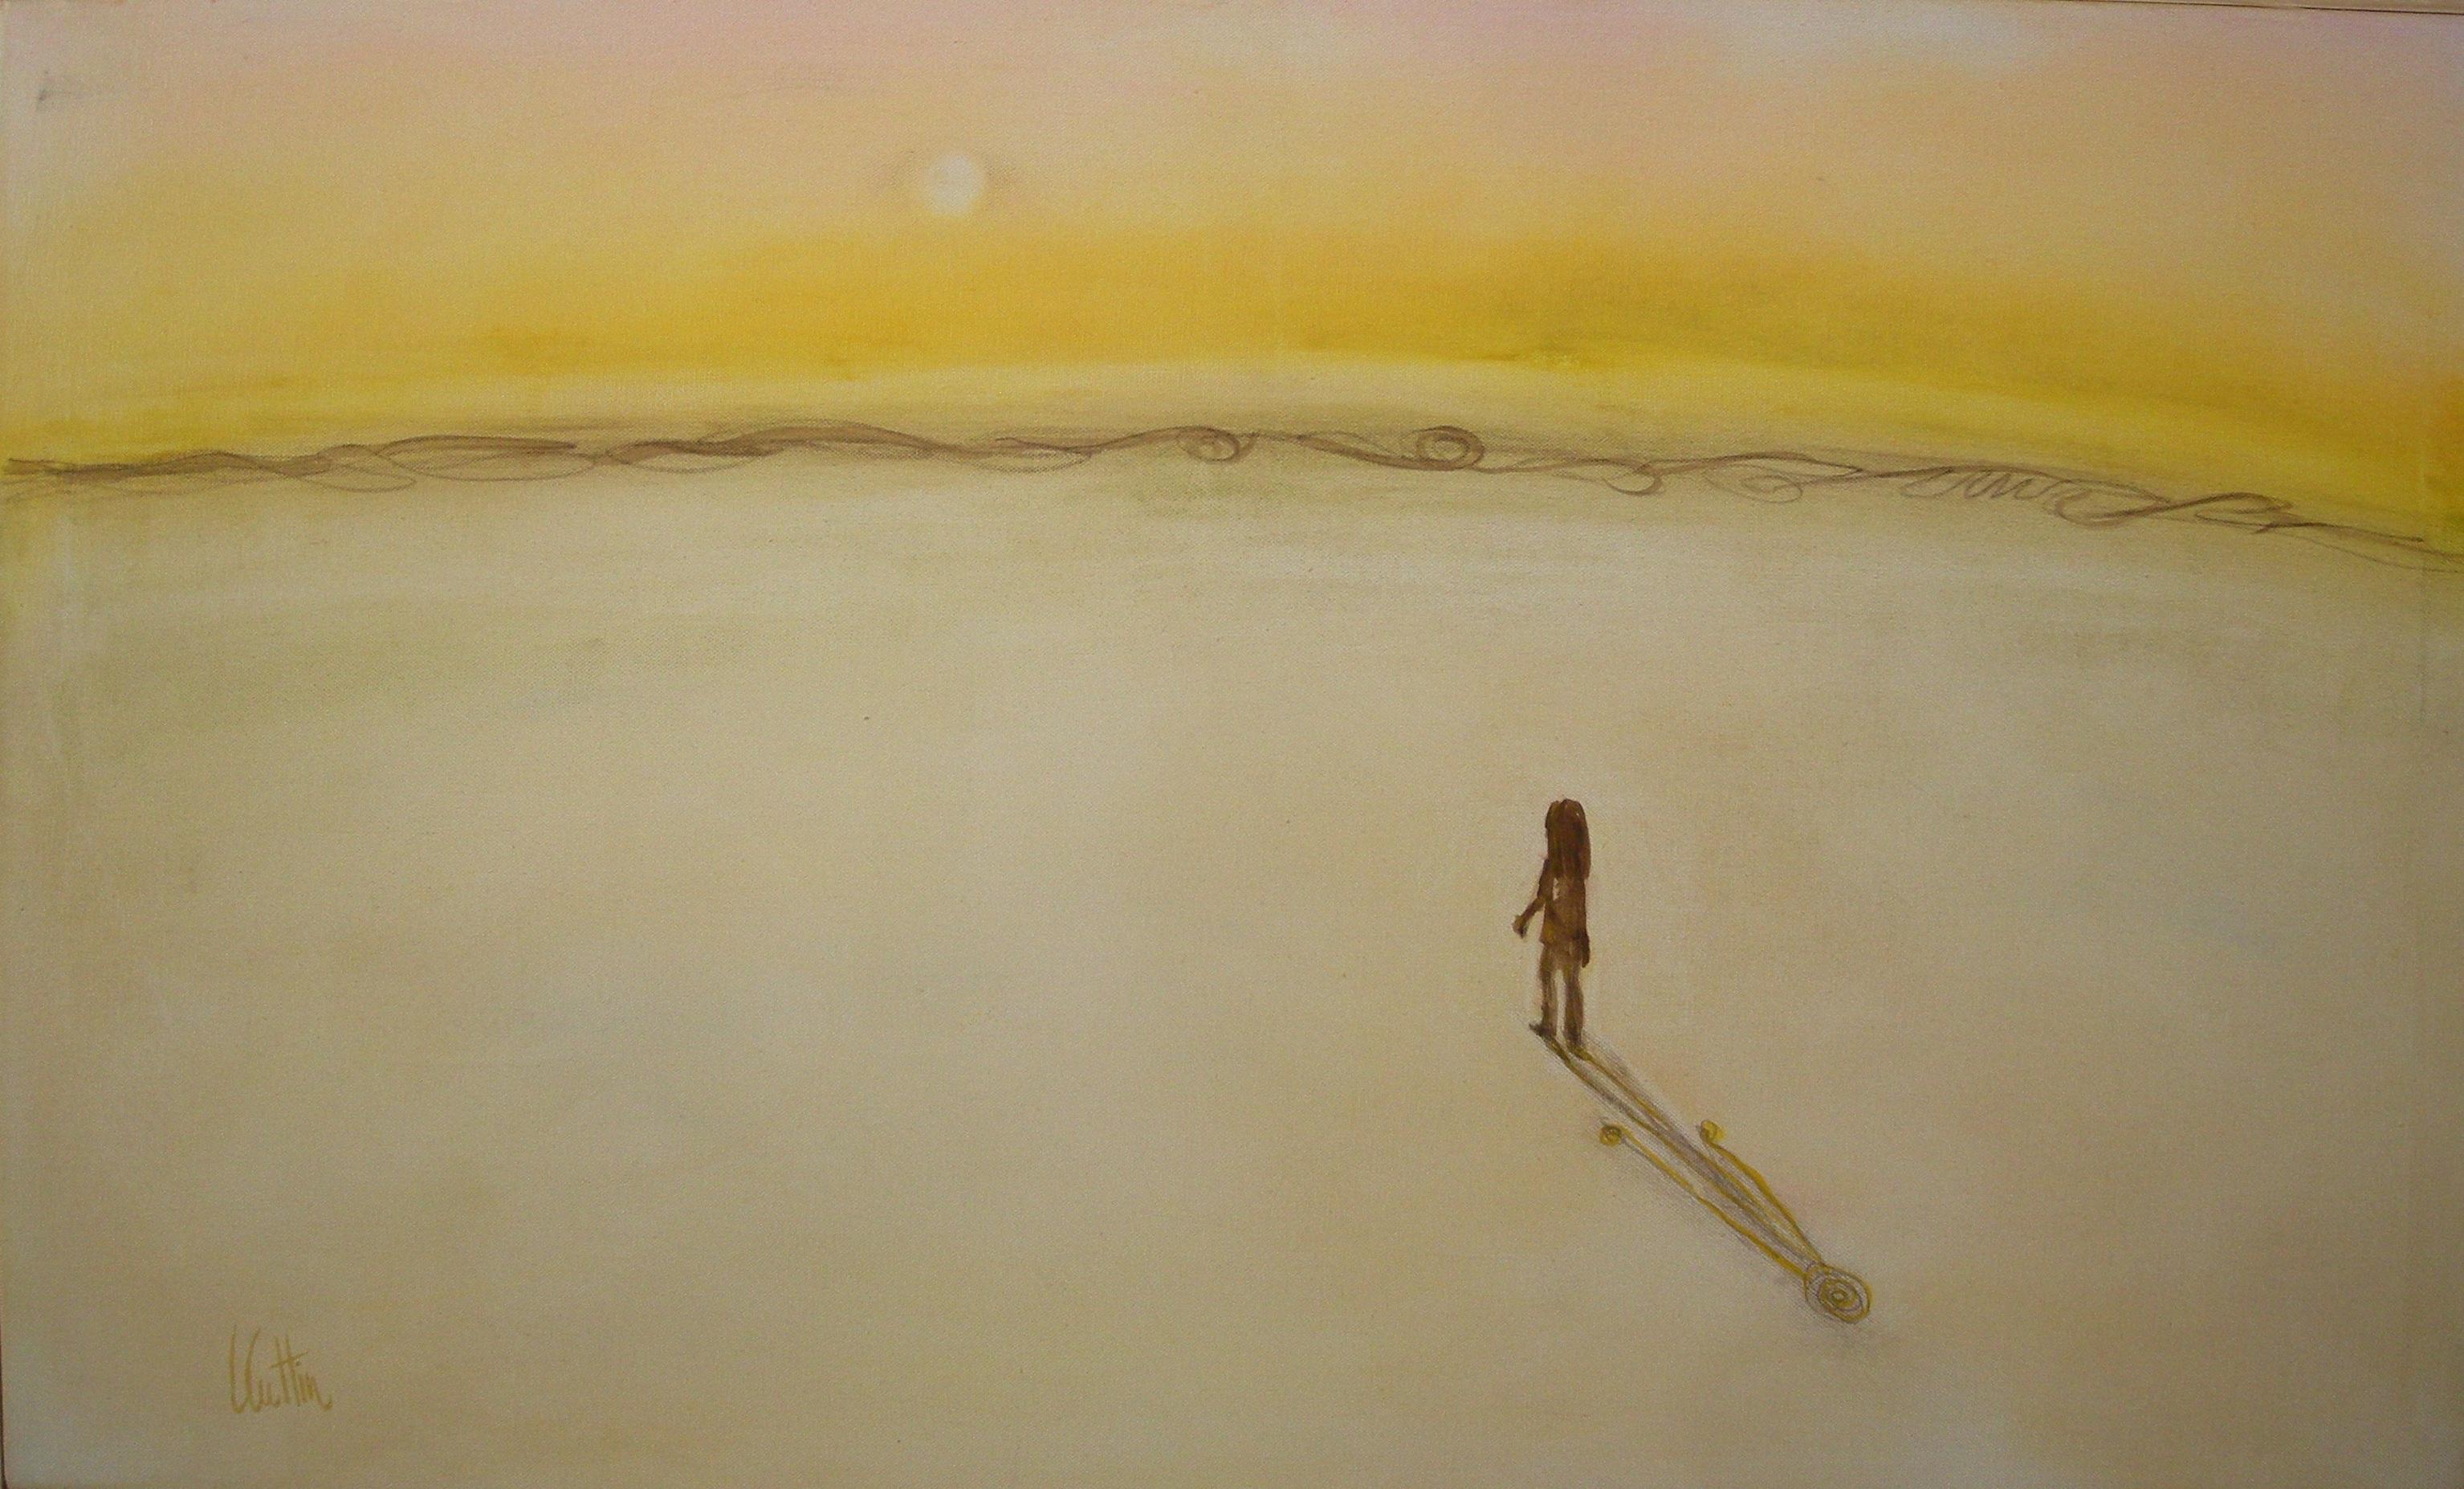 In viaggio. Olio e gessetti su tela 100x60 cm - 2011